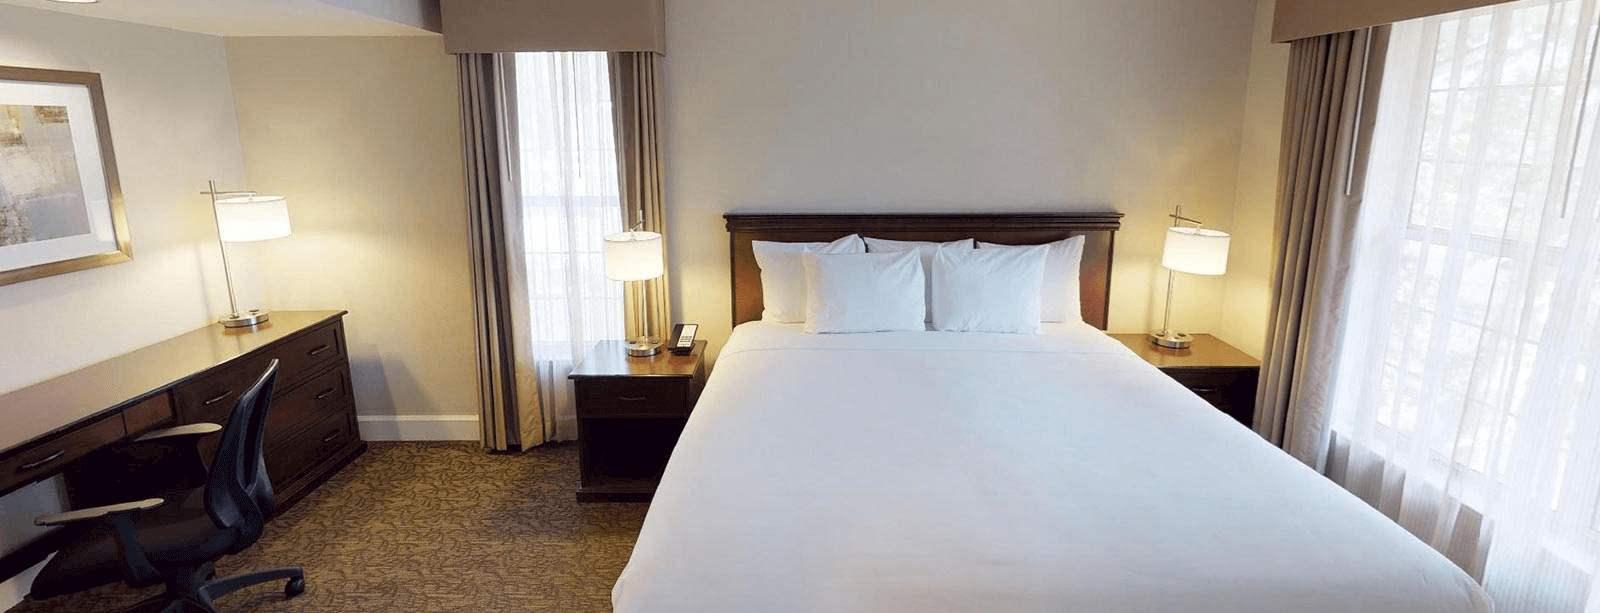 Chase Suite Hotel Brea, California